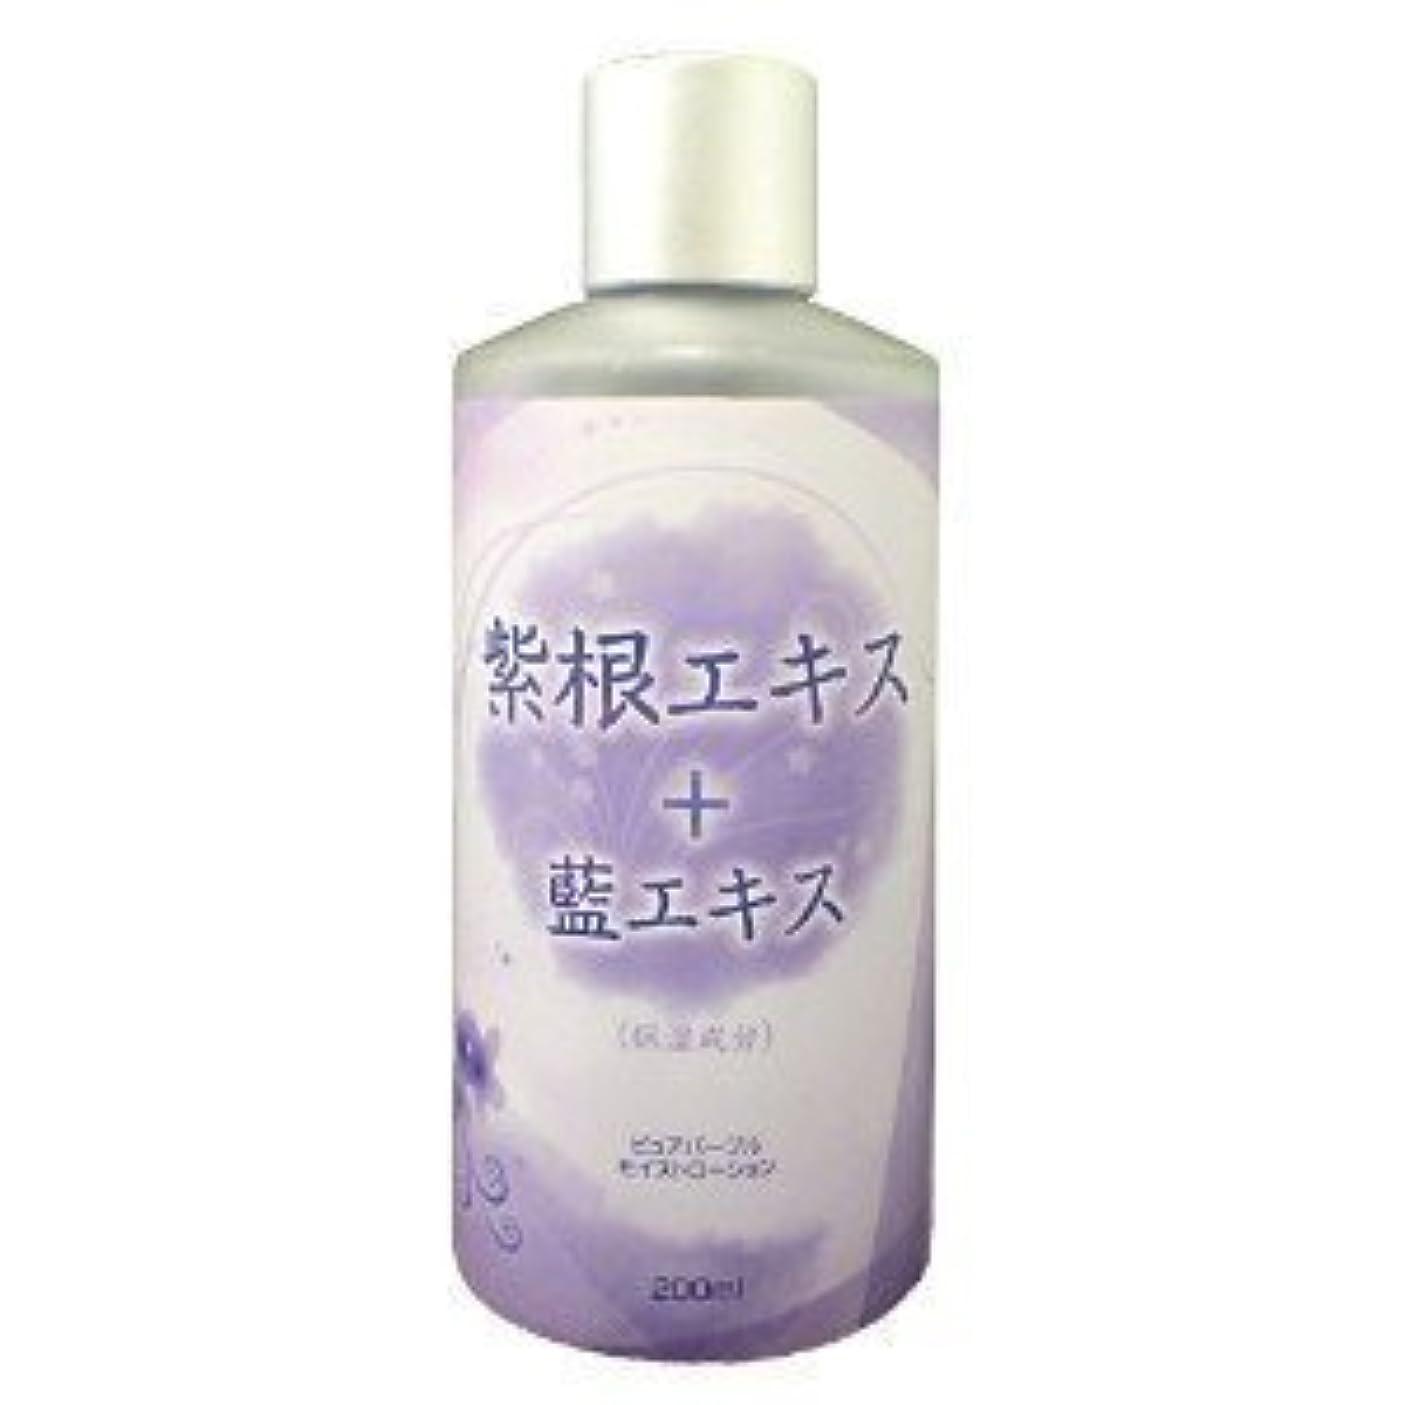 ラベル絶望式3本セット ピュアパープルモイストローション シコン ( 紫根 ) 化粧水 藍エキス入り200ml